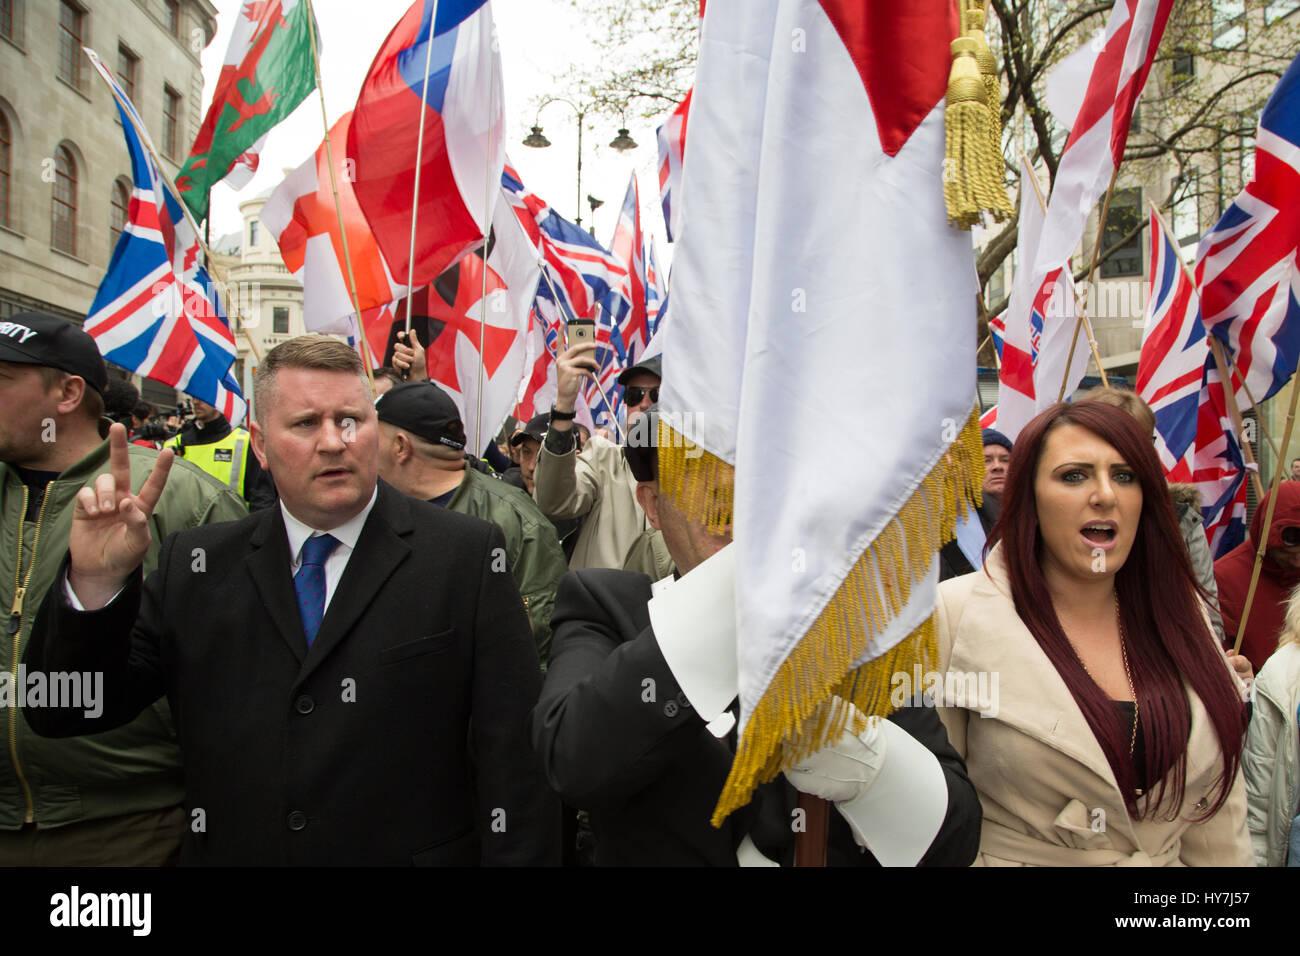 London, UK. 1. April 2017. Großbritanniens erste Führer Paul Golding (L) und Jayda Fransen während einer Protestaktion Stockfoto